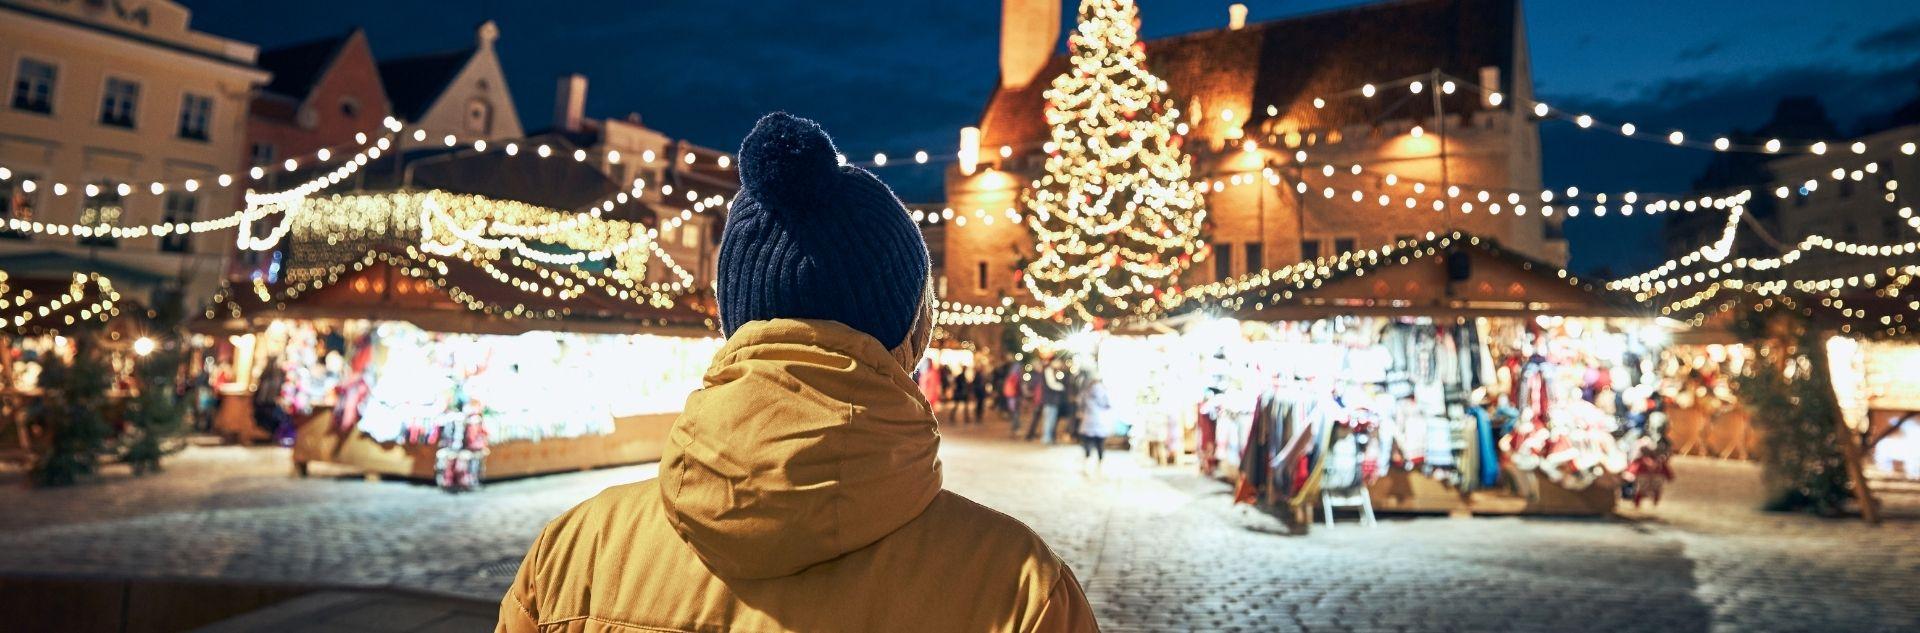 Weihnachten - Mann auf Weihnachtsmarkt